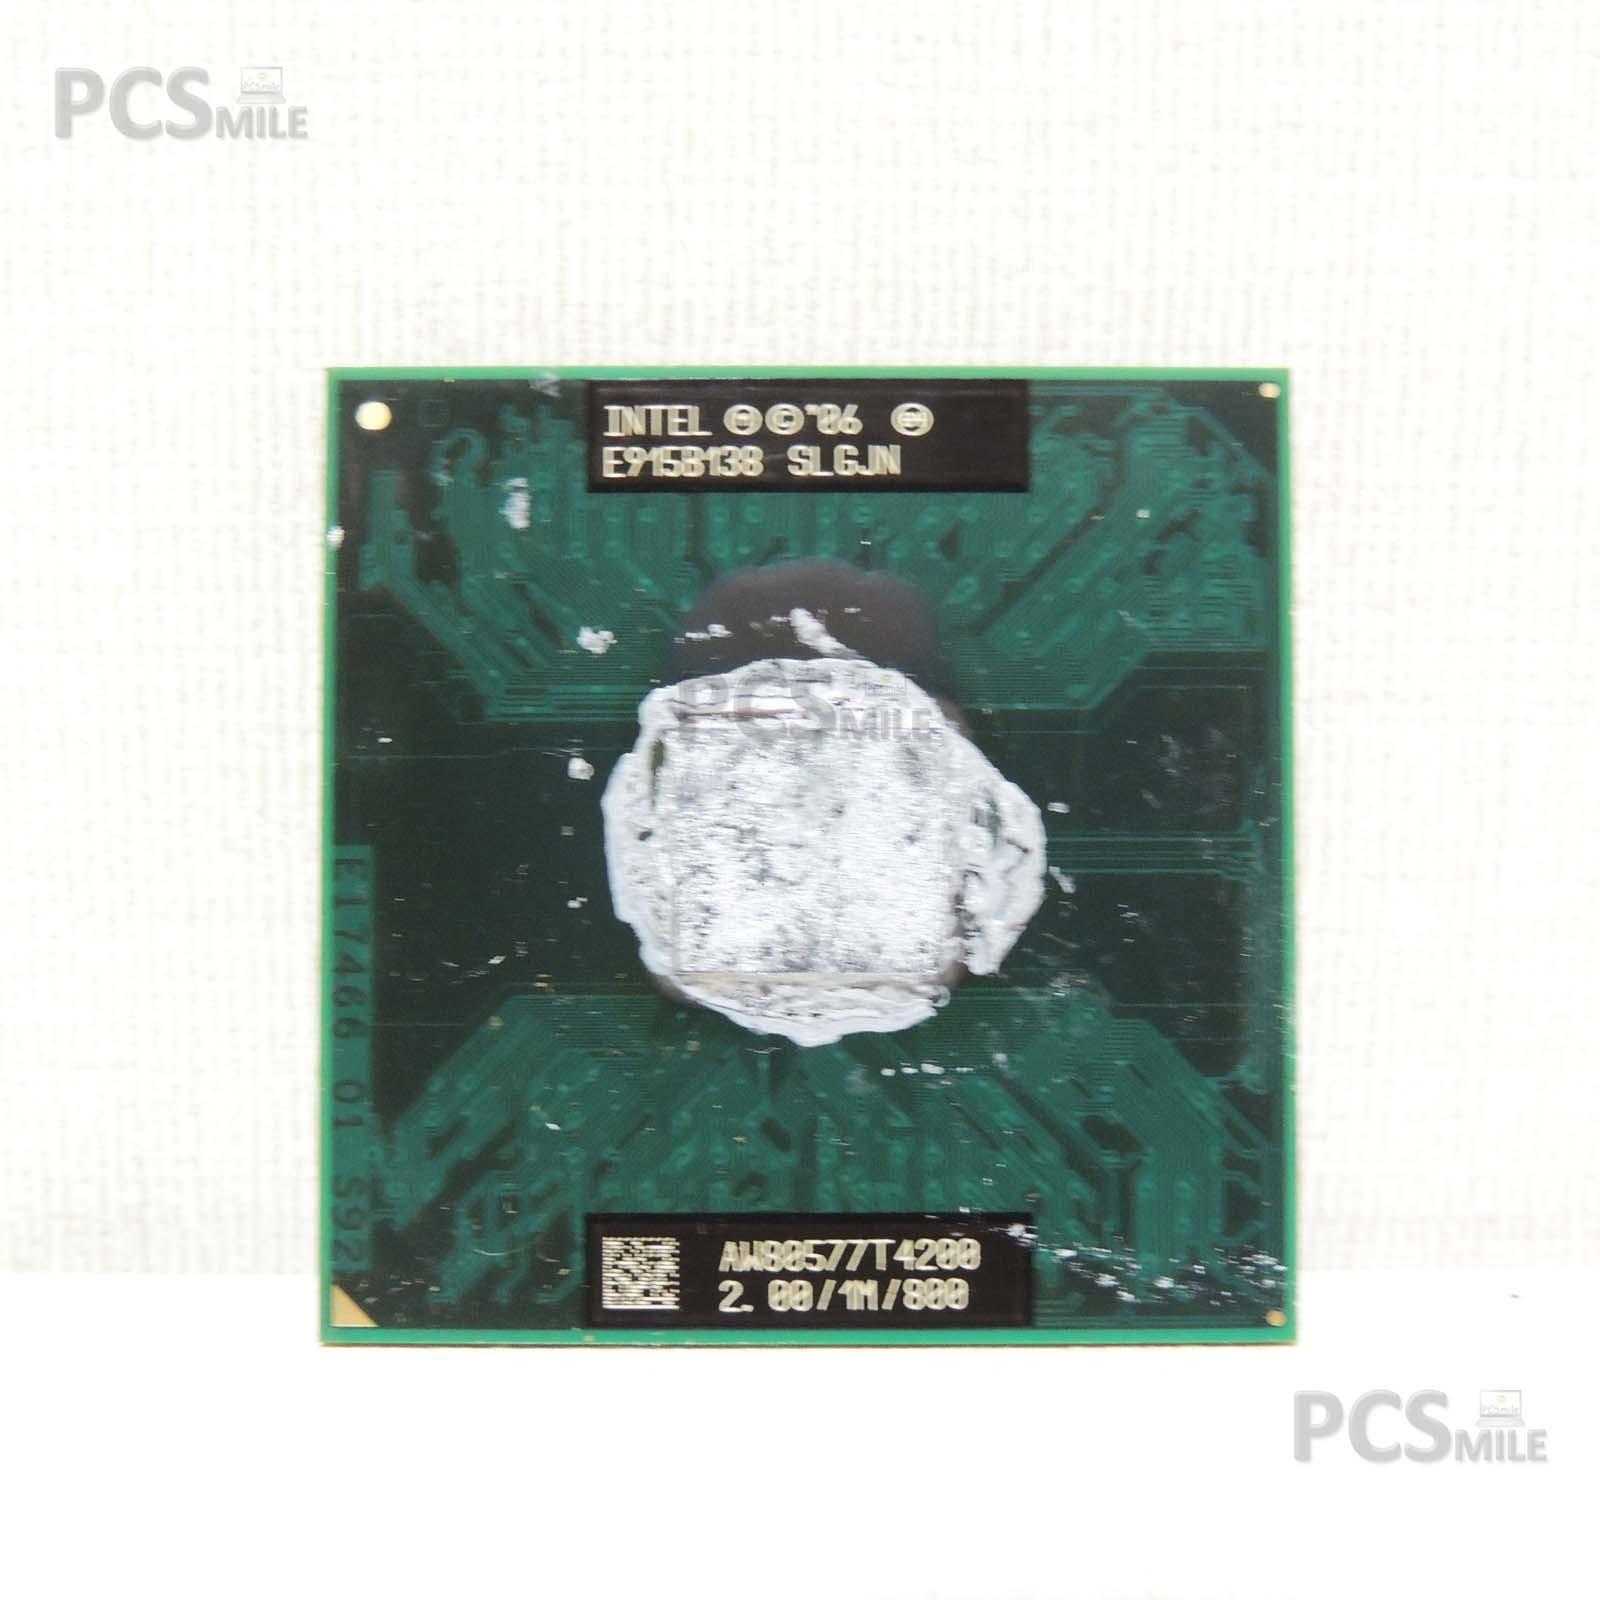 Intel Core 2 Duo AW80577T4200 CPU NOTEBOOK PROCESSORE 2.00 / 1M / 800 T4200